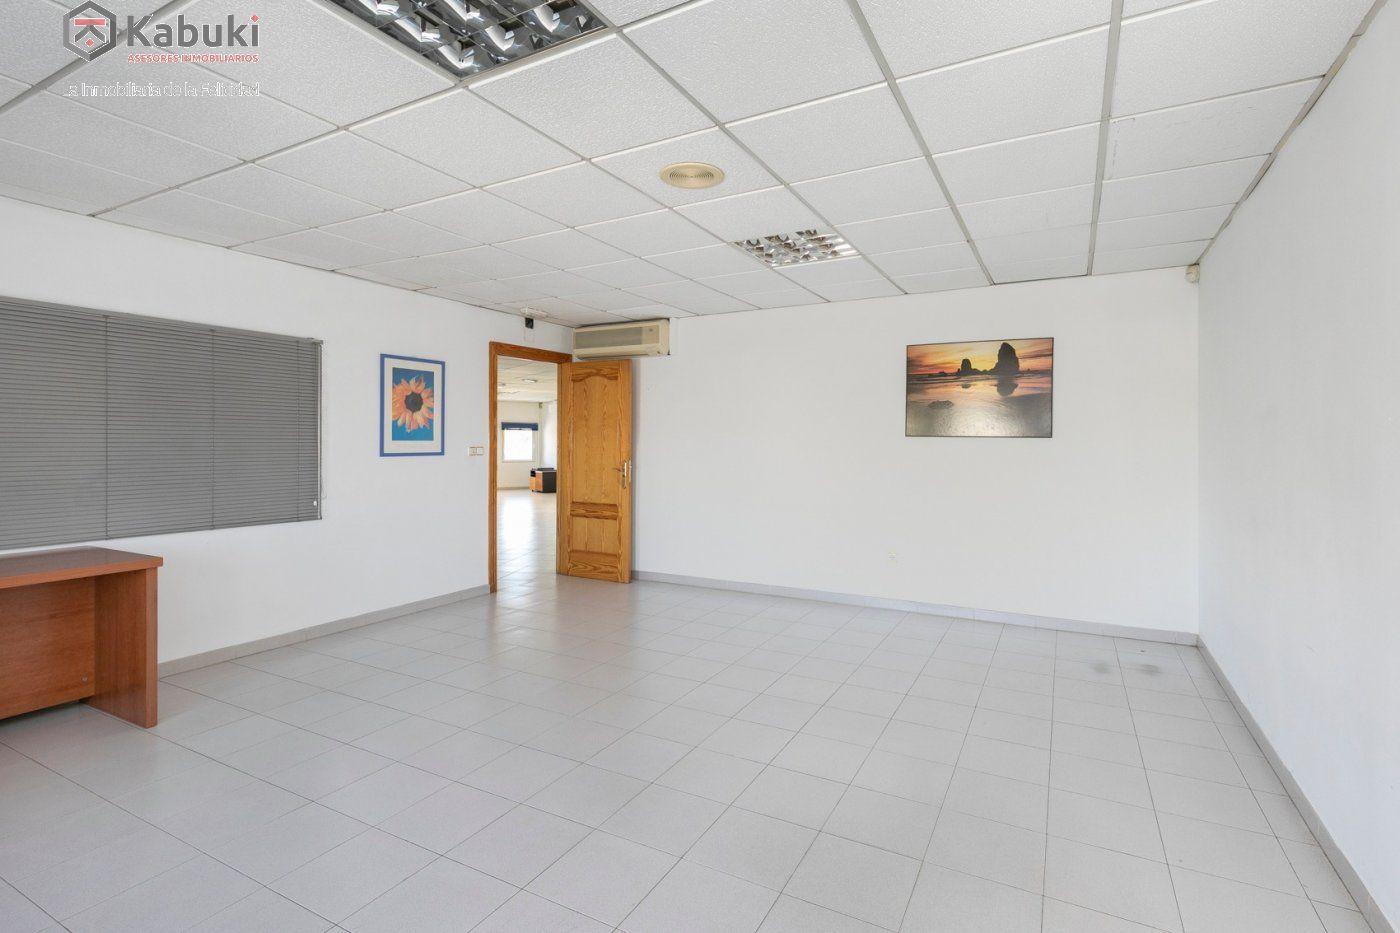 Magnífica oficina luminosa con un inmejorable acceso desde la circunvalación - imagenInmueble4